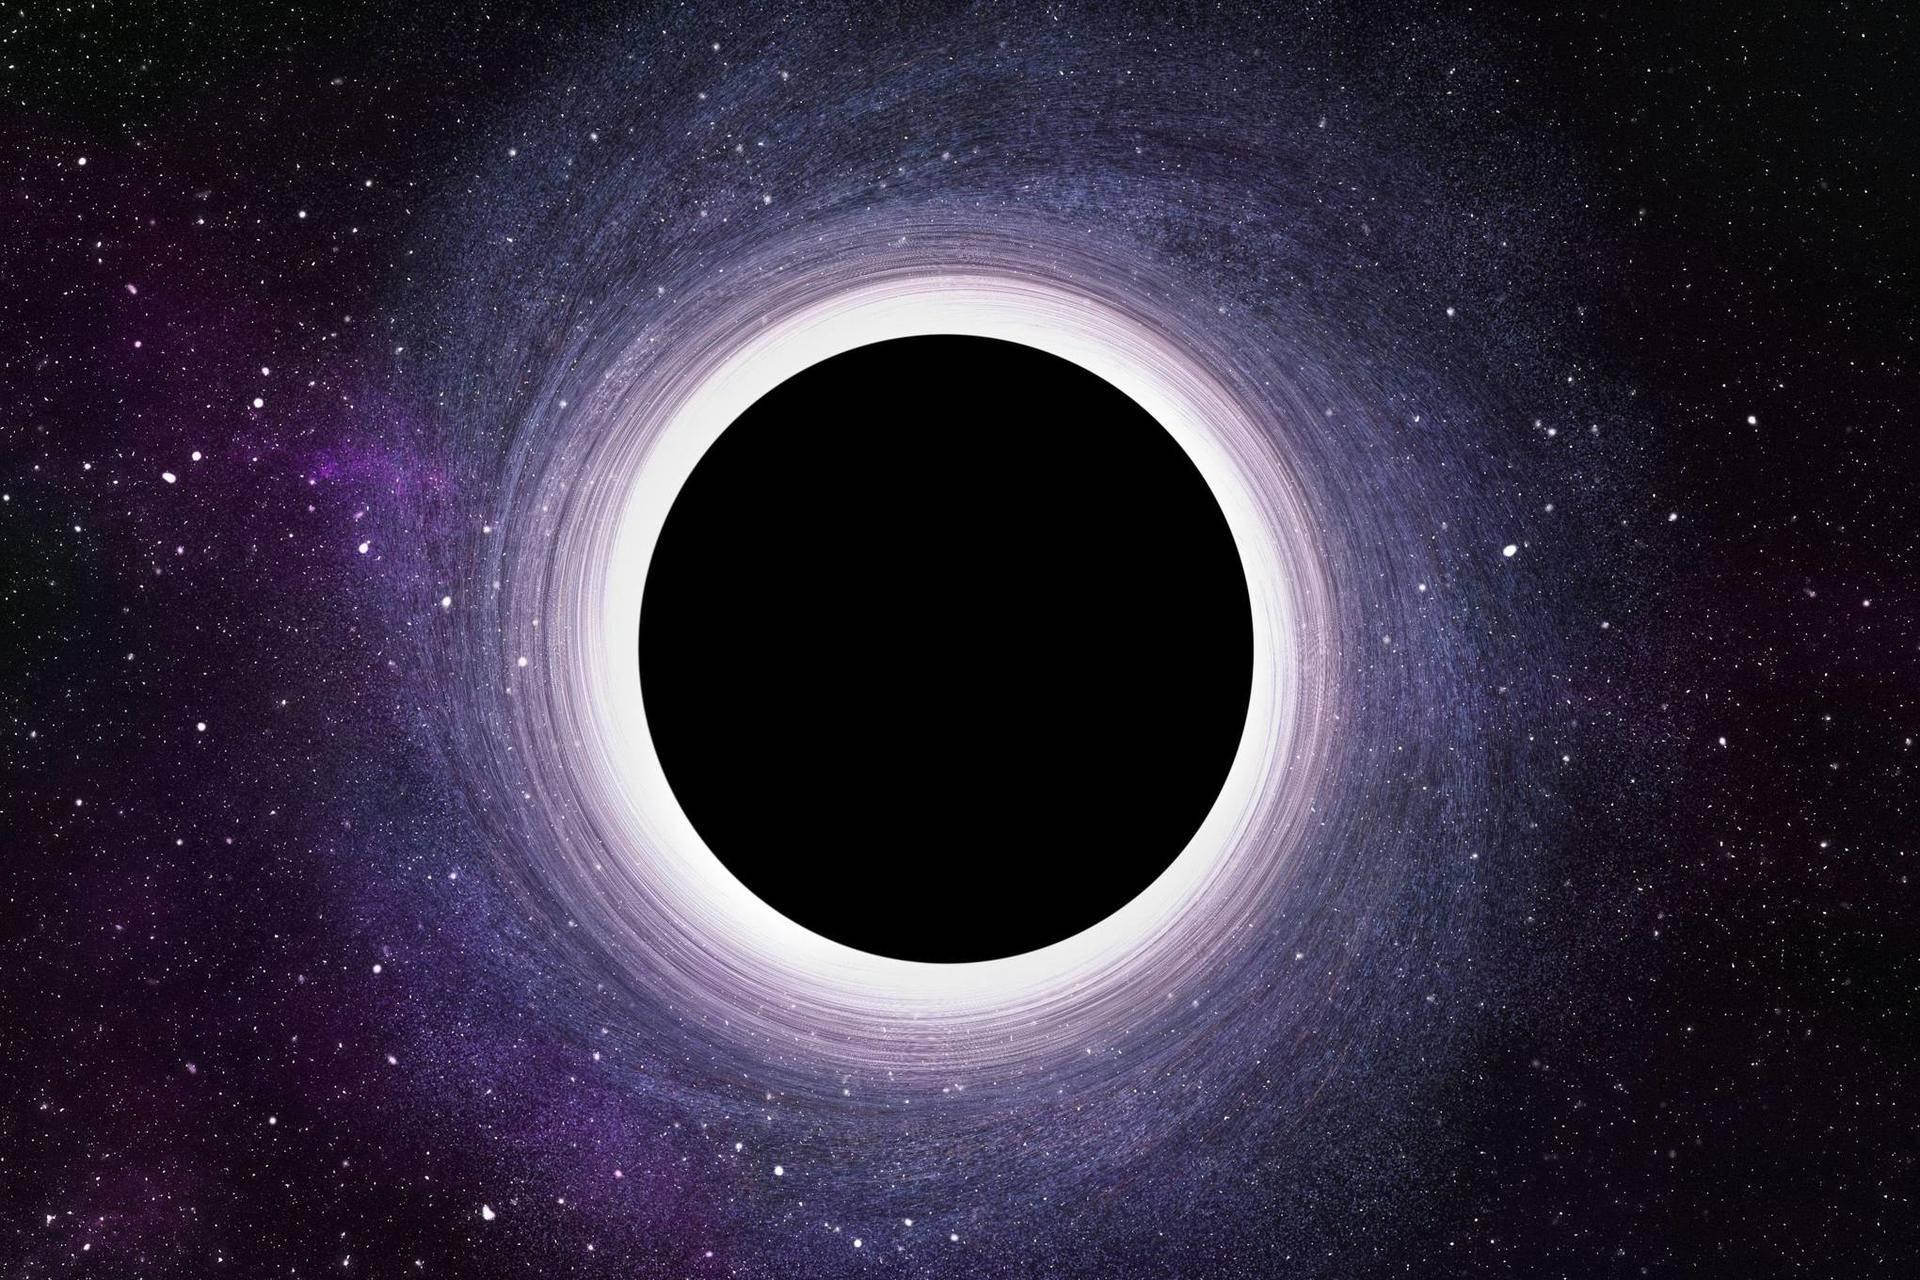 黑洞是什么,它又是怎样形成的,一起来认识下吧